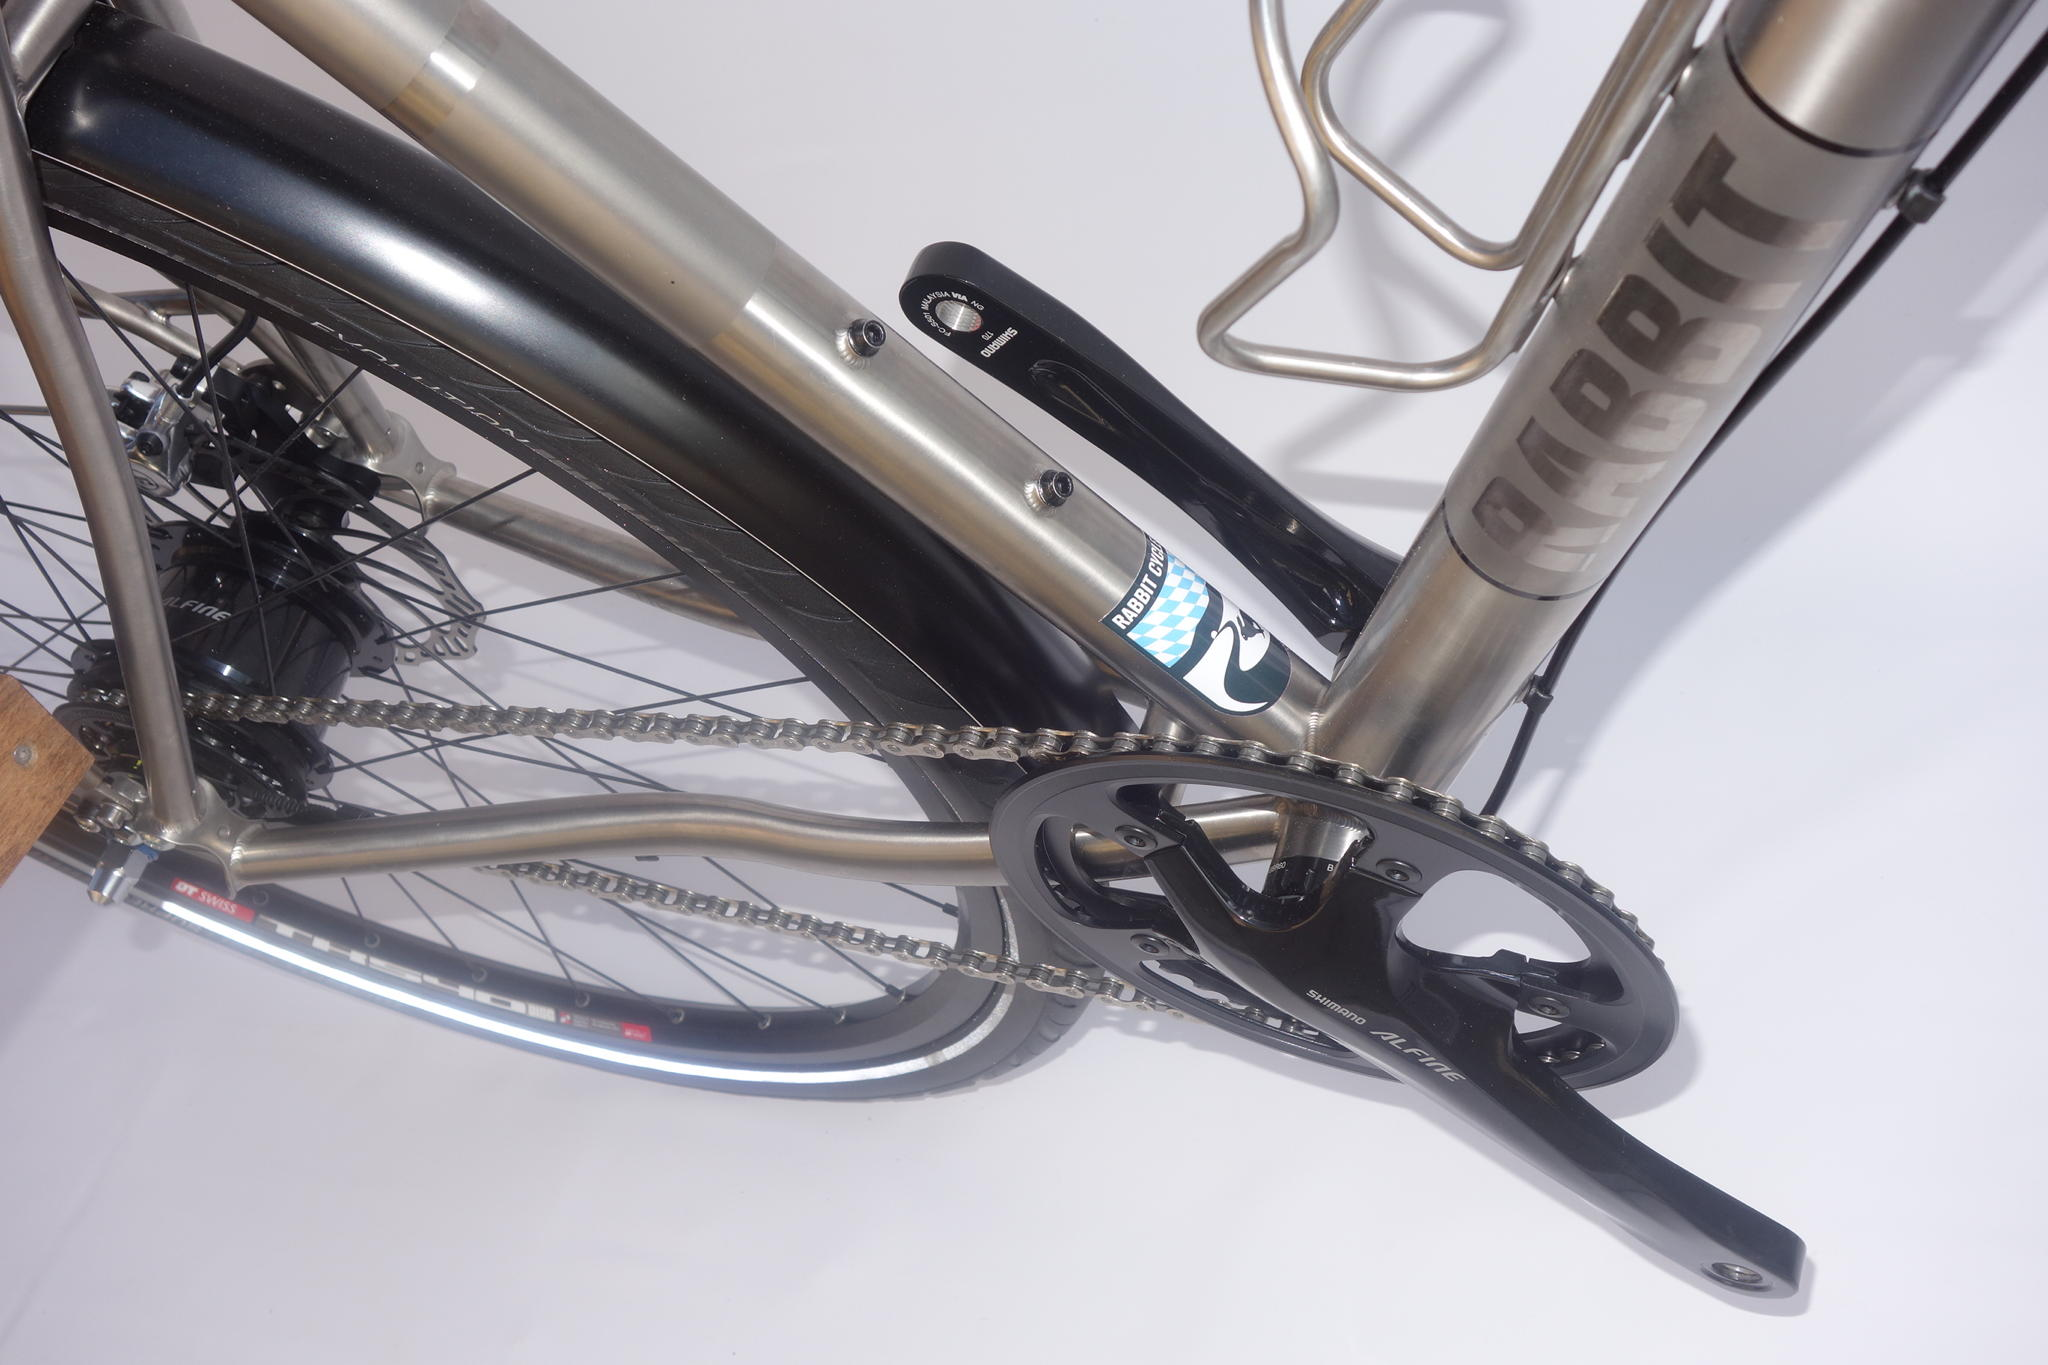 rabbit_cycles_titan_commuter_dsc03277